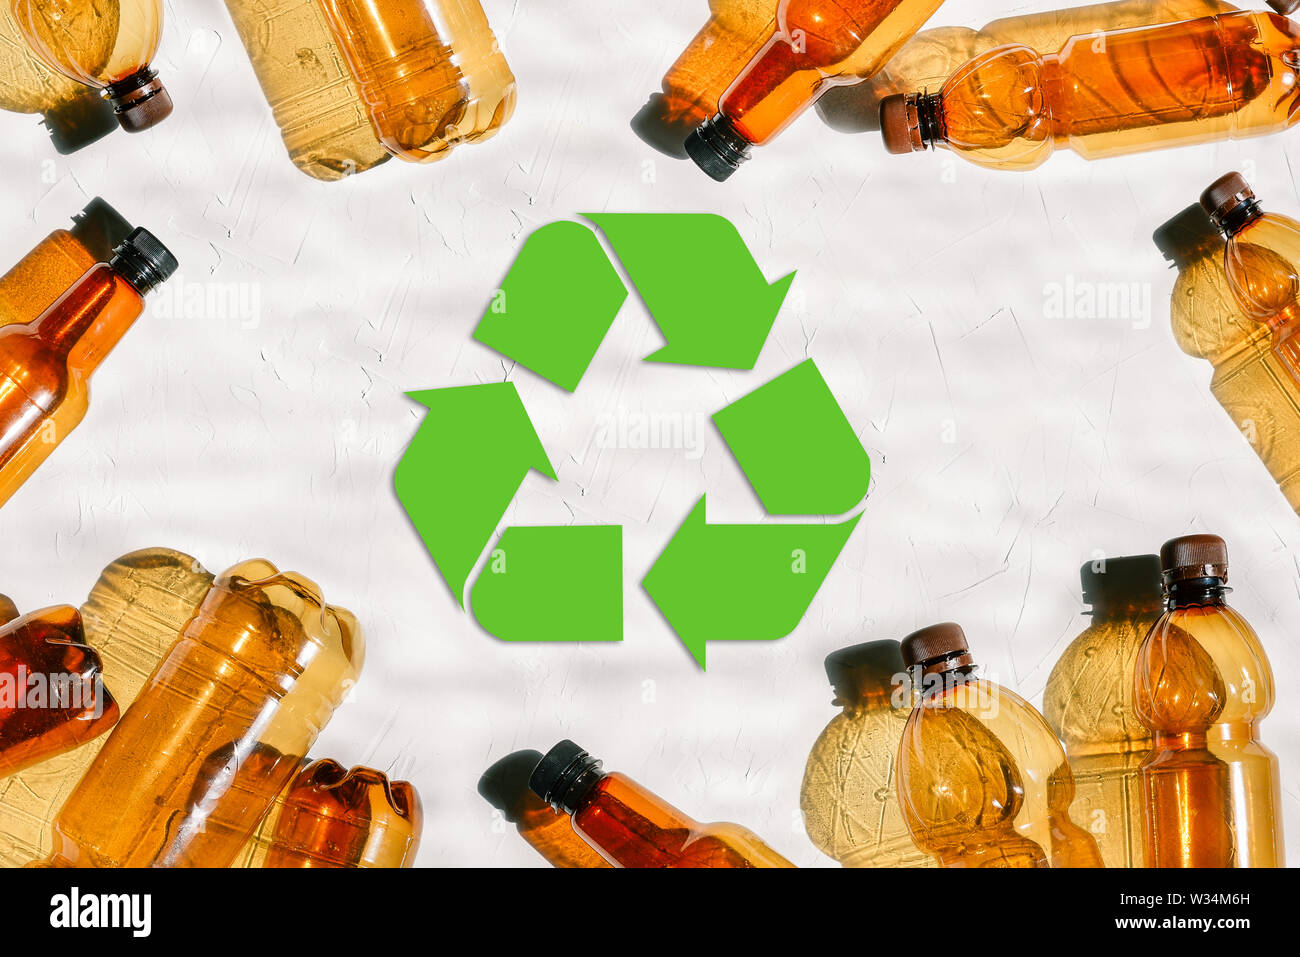 Bottiglie di plastica e il riutilizzo contrassegnare. Riciclaggio della plastica. La tutela dell'ambiente. Verde simbolo di riciclaggio. Problemi ambientali Immagini Stock